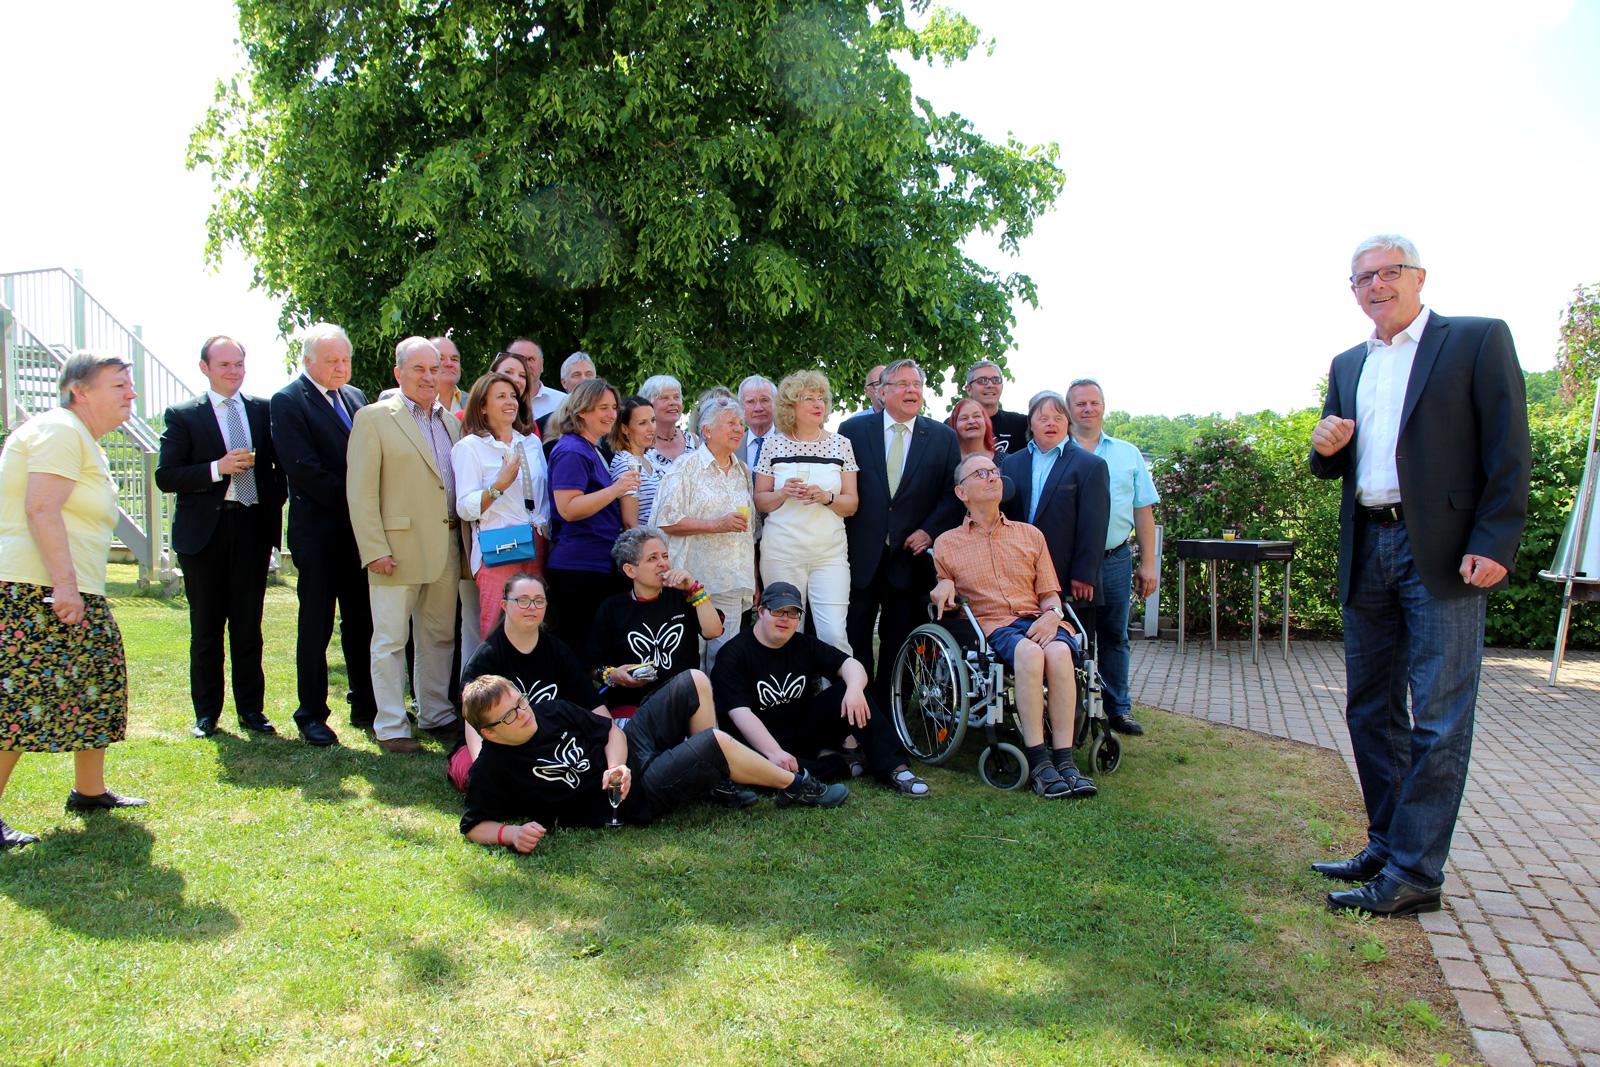 Inklusive Ü-Party für Gerhard John, Lebenshilfe-Chef seit 1996. der für sein ehrenamtliches Engagement in der Region mit der am 14. Mai 2018 Landkreismedaille gewürdigt wurde.